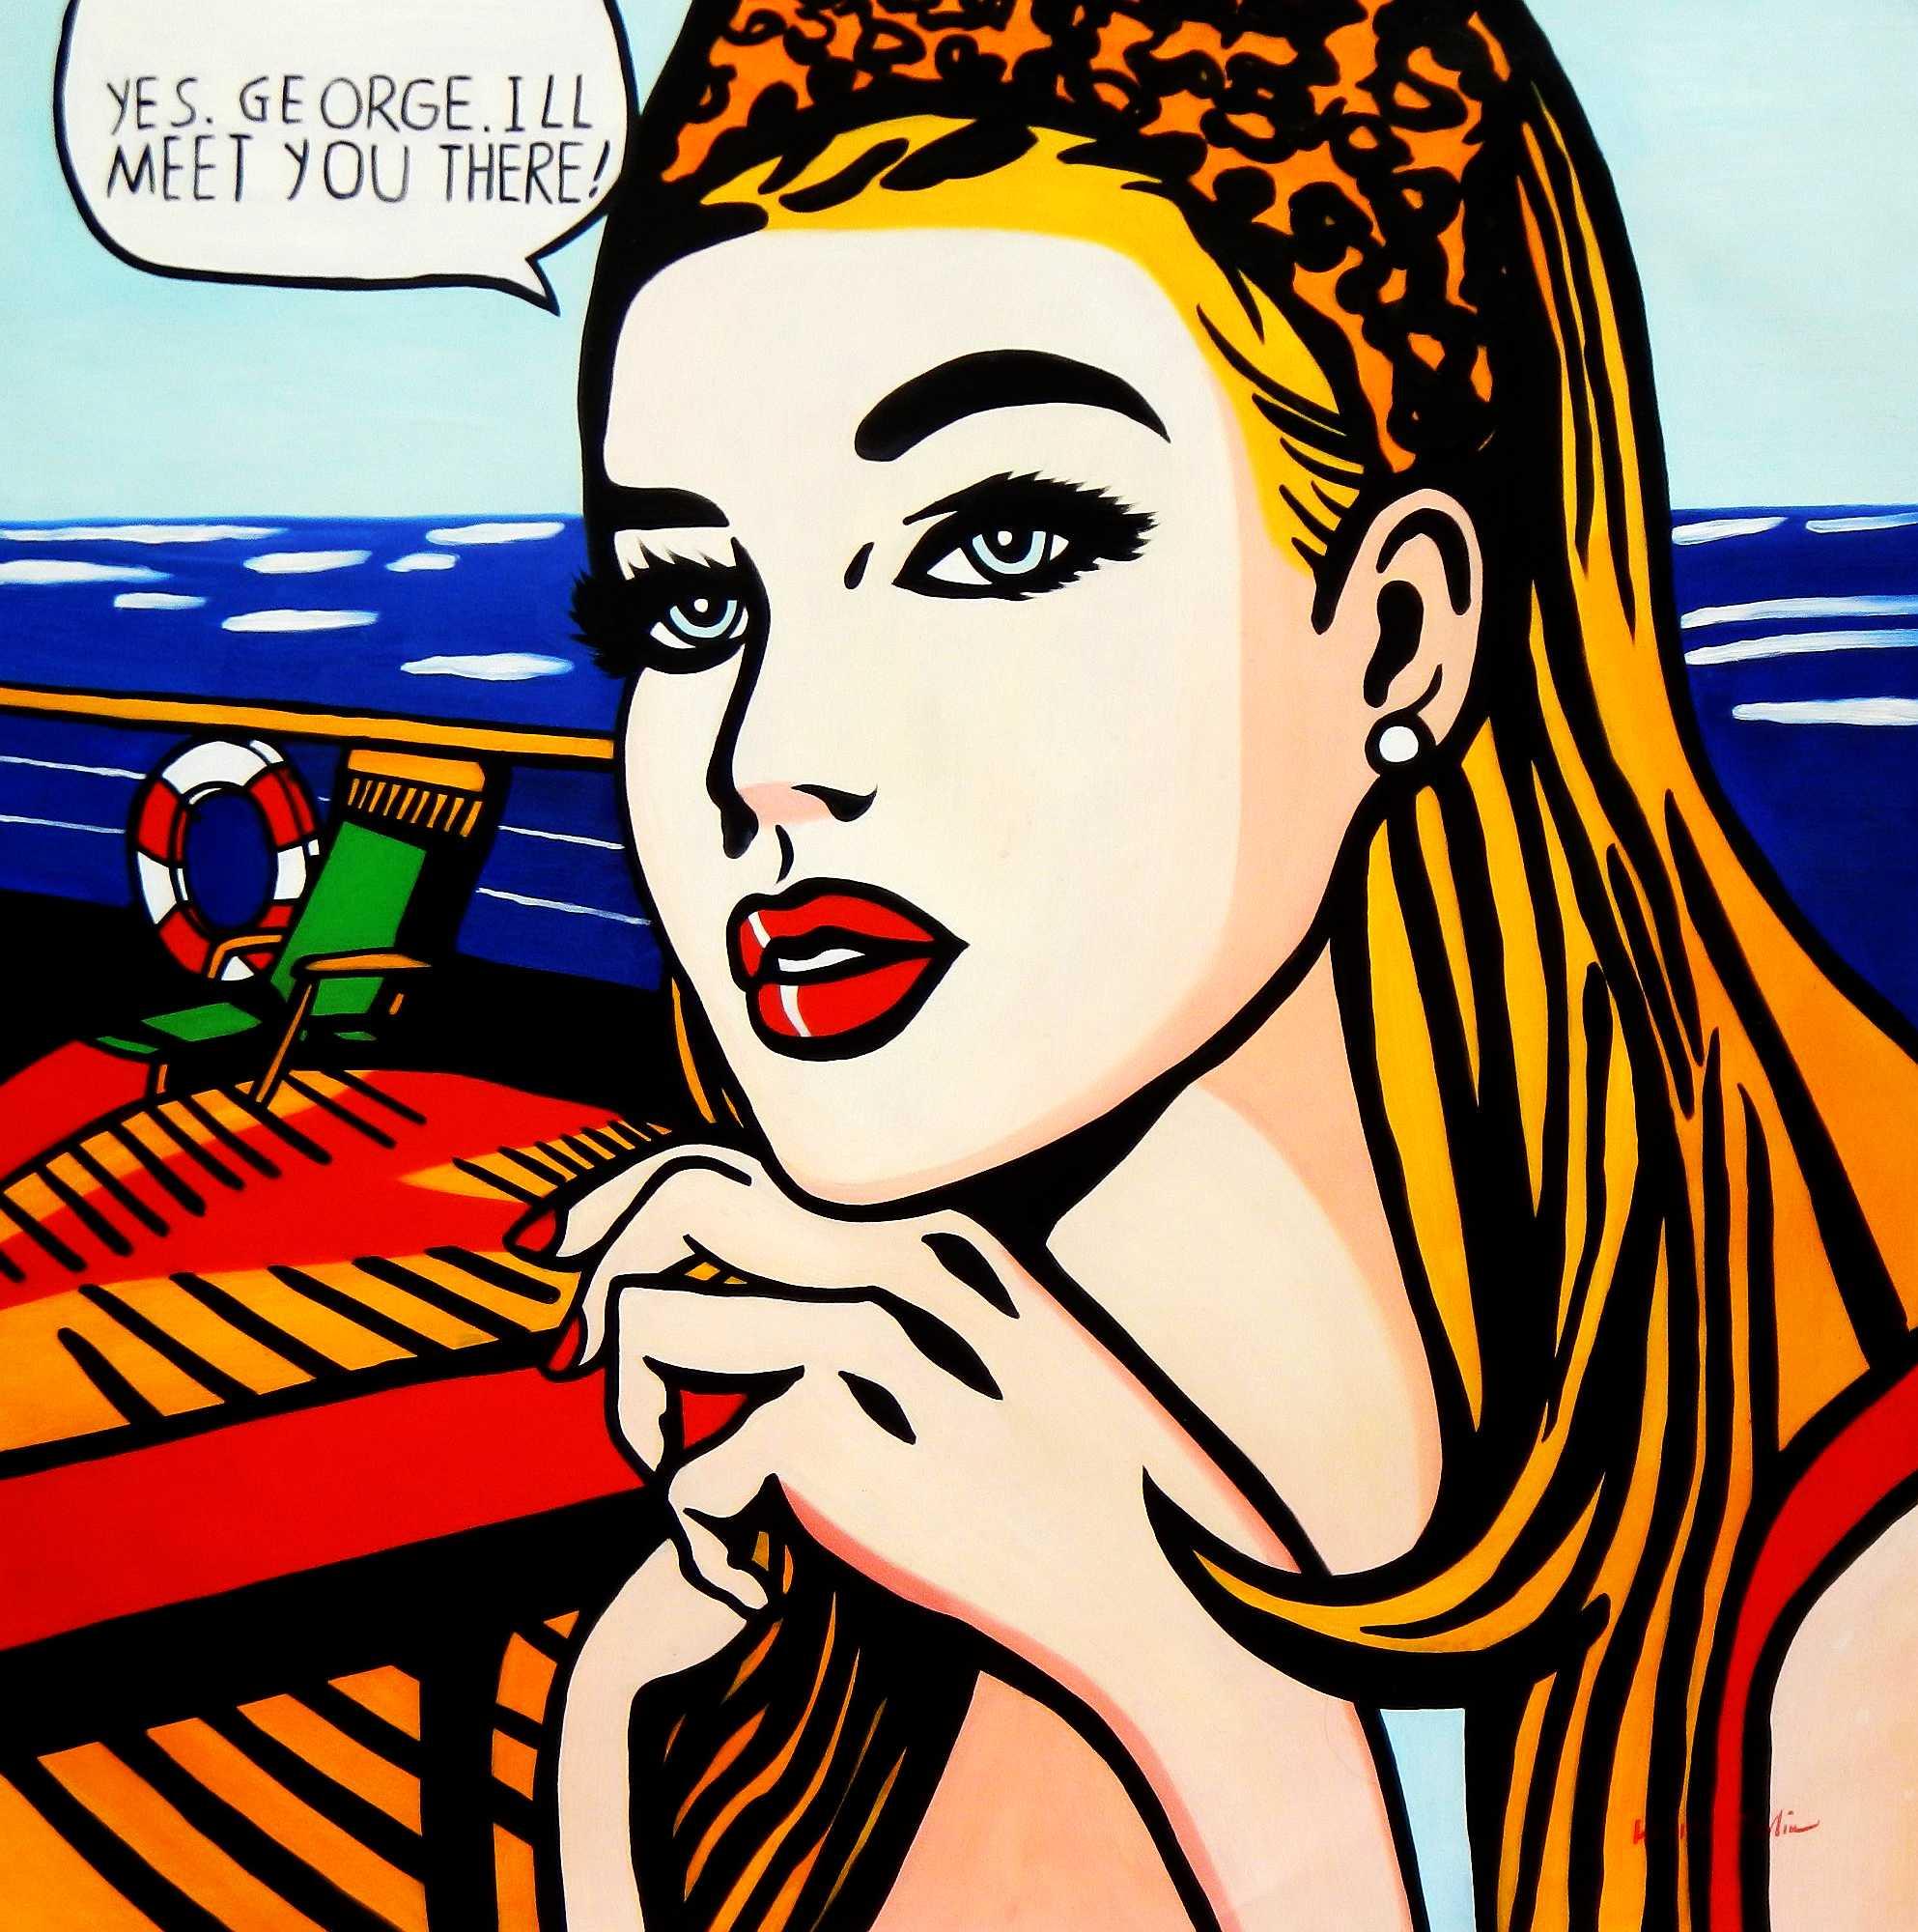 Homage to Roy Lichtenstein - Meet you Pop Art m95960 120x120cm exquisites Ölbild